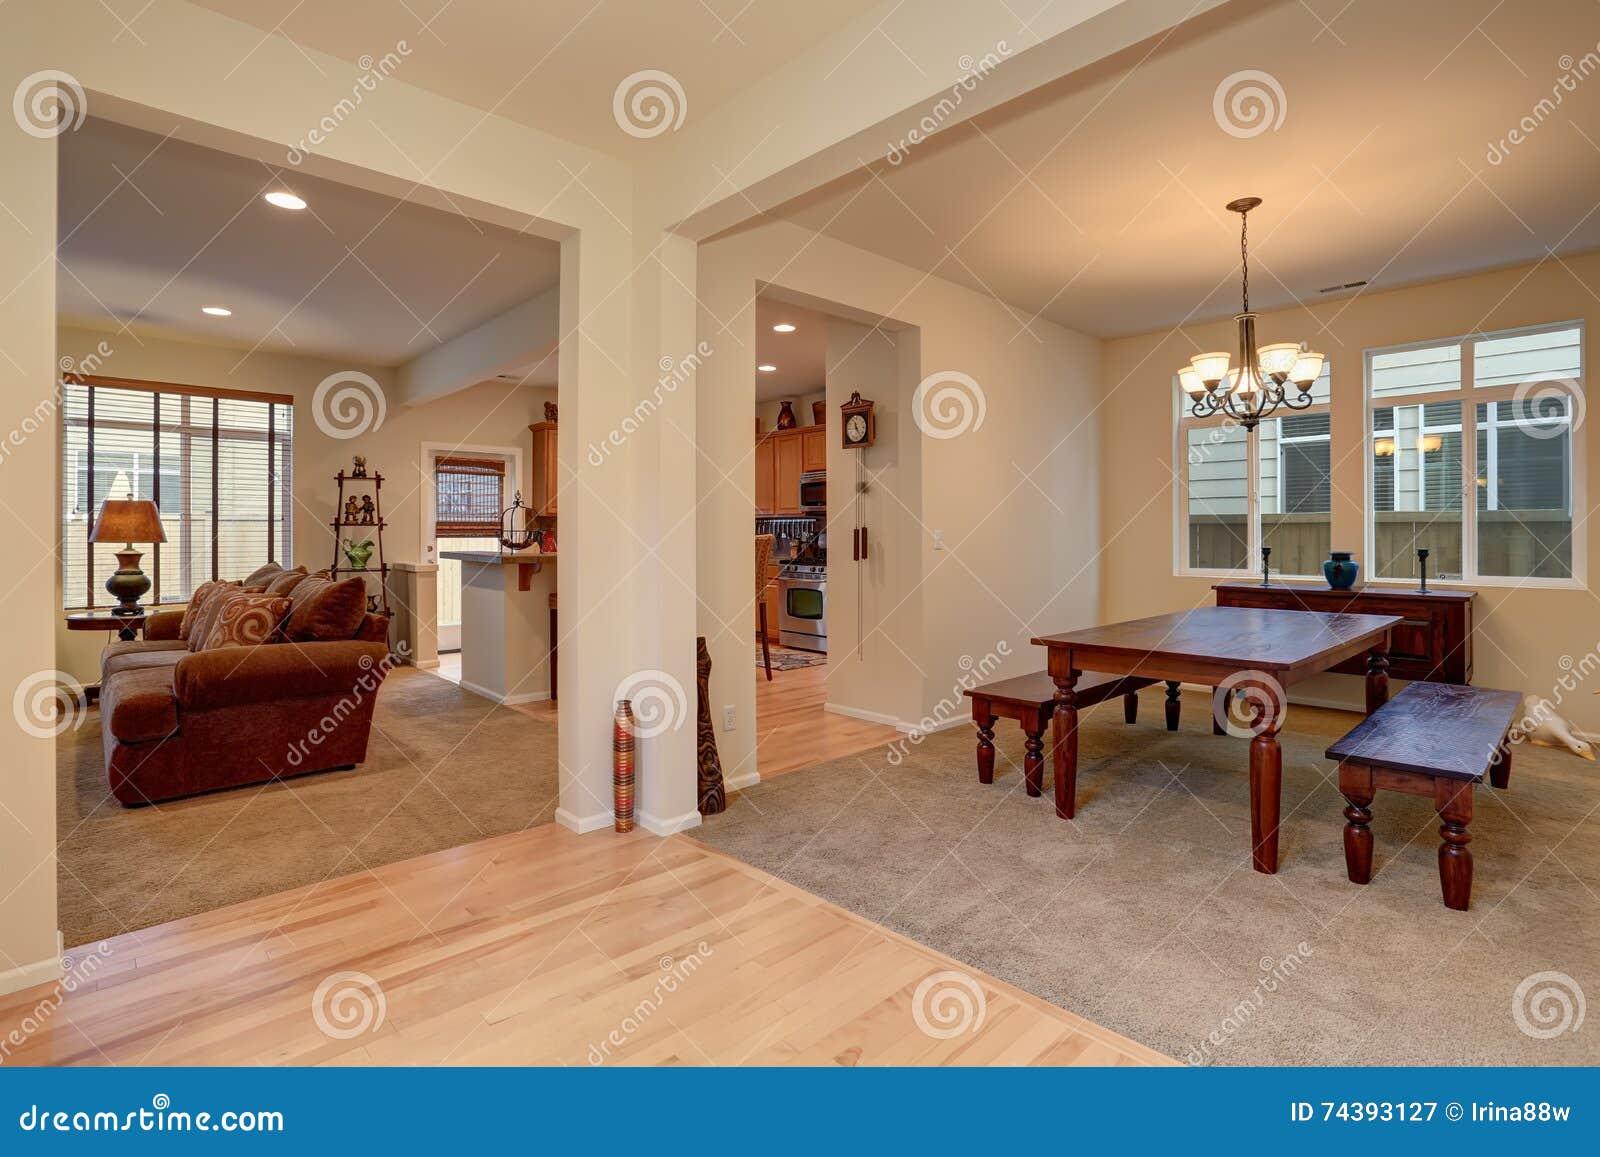 holztische wohnzimmer amazing wohnzimmer ledtv auf betonwand mit holztisch stockfoto with. Black Bedroom Furniture Sets. Home Design Ideas